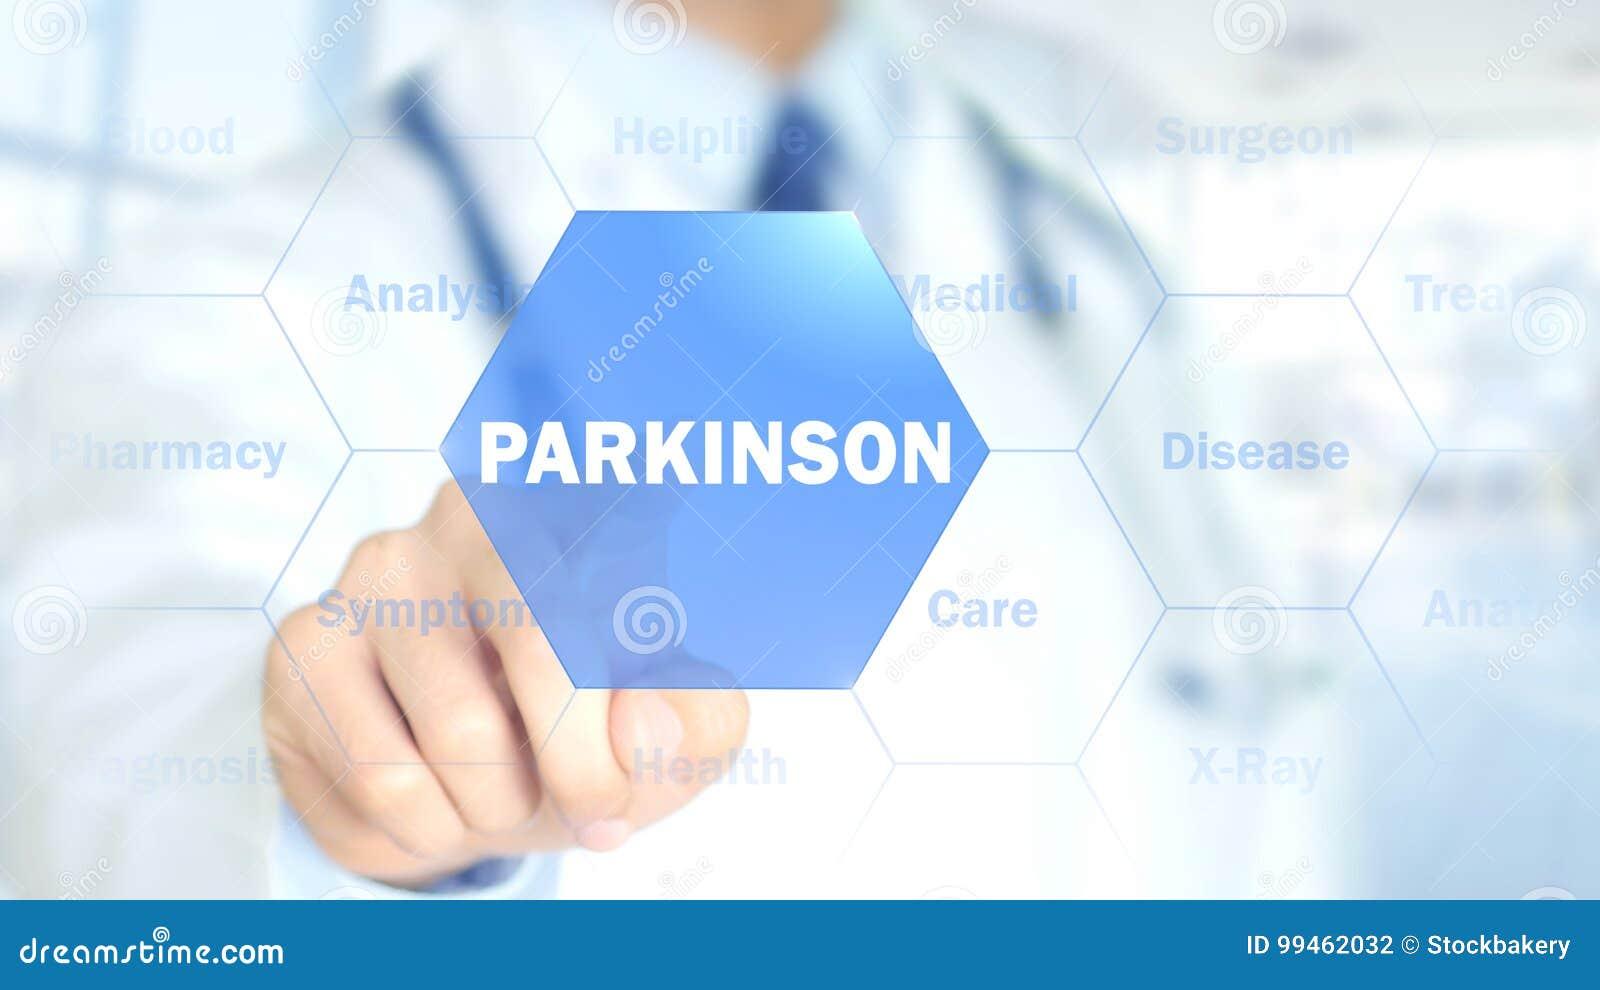 Parkinson, доктор работая на голографическом интерфейсе, графиках движения